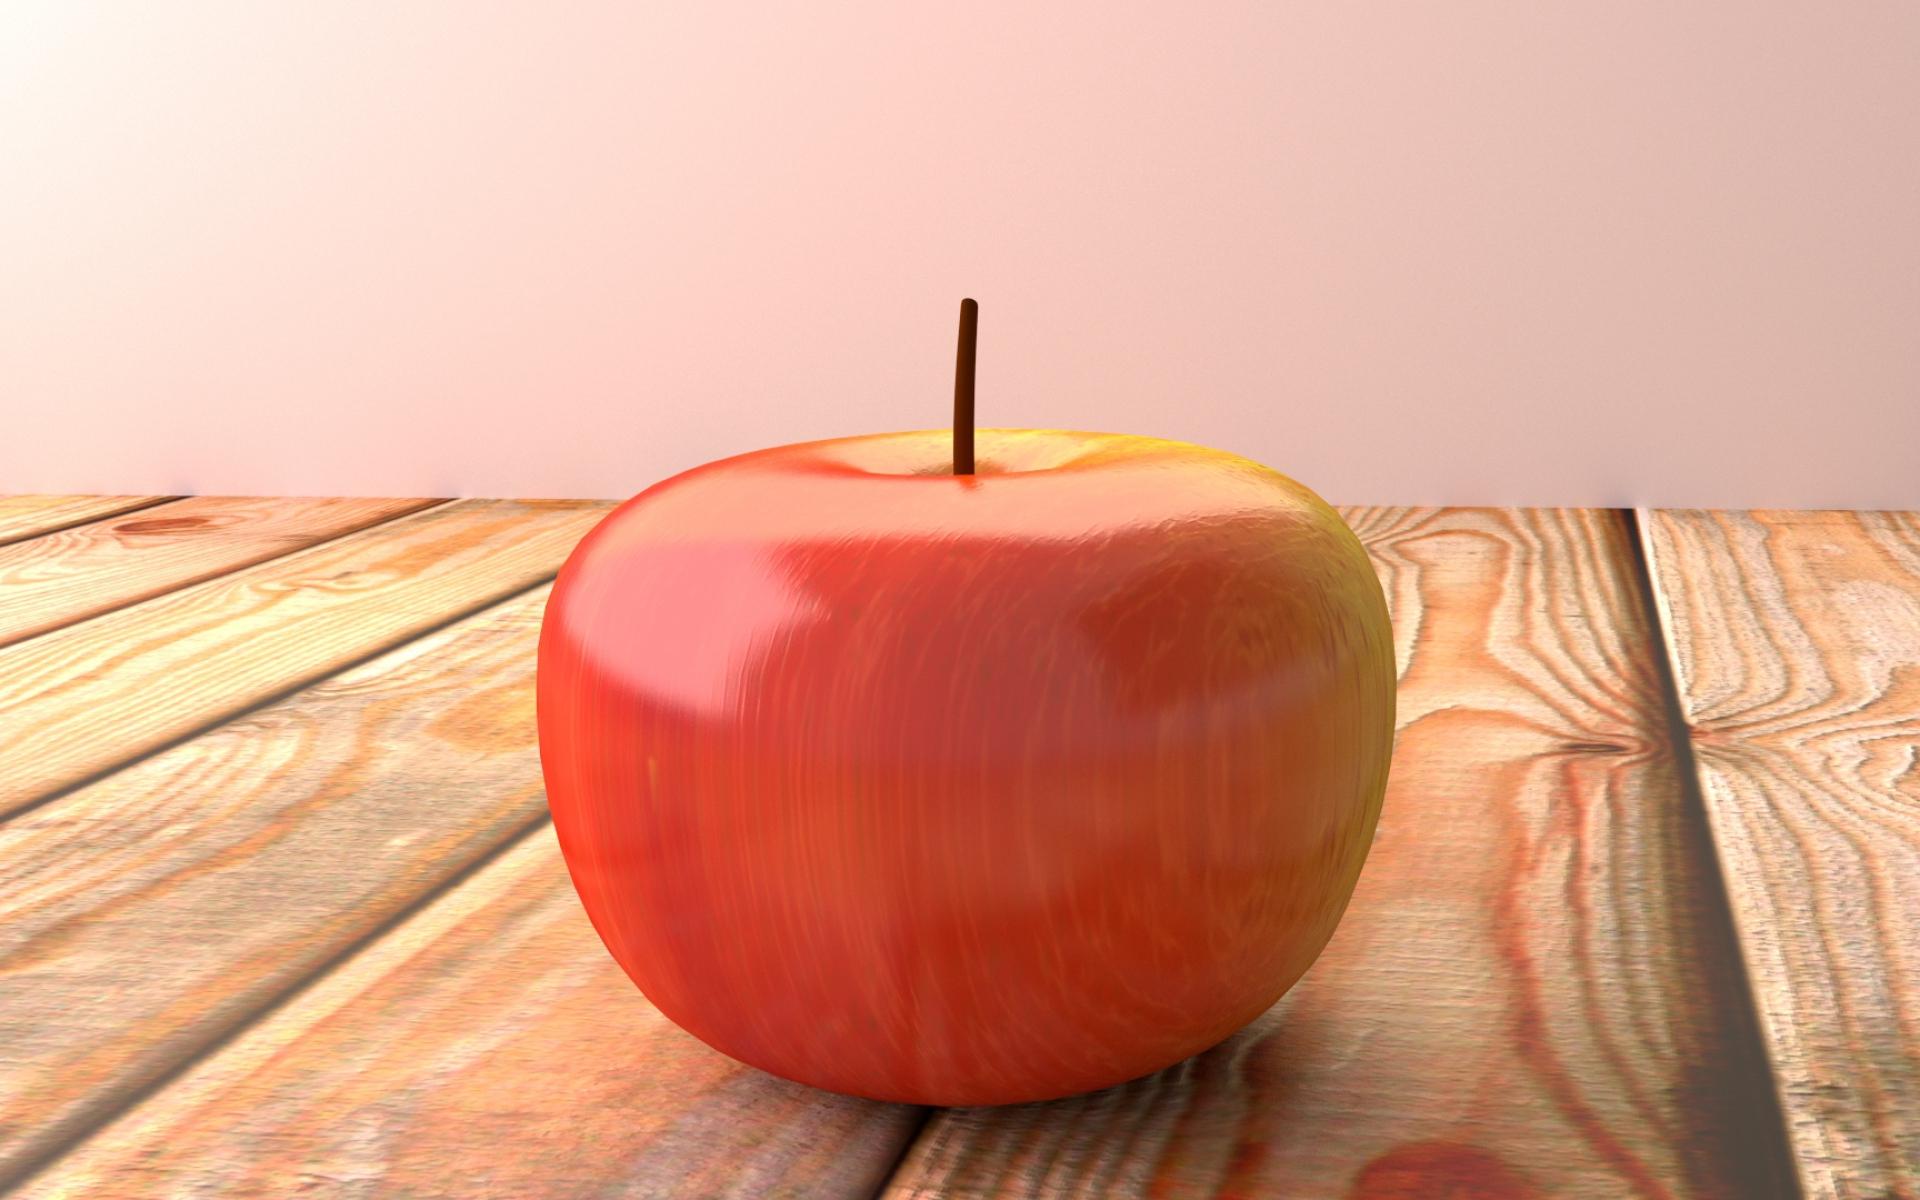 Картинки Яблоко, фрукты, поверхность, дерево фото и обои на рабочий стол